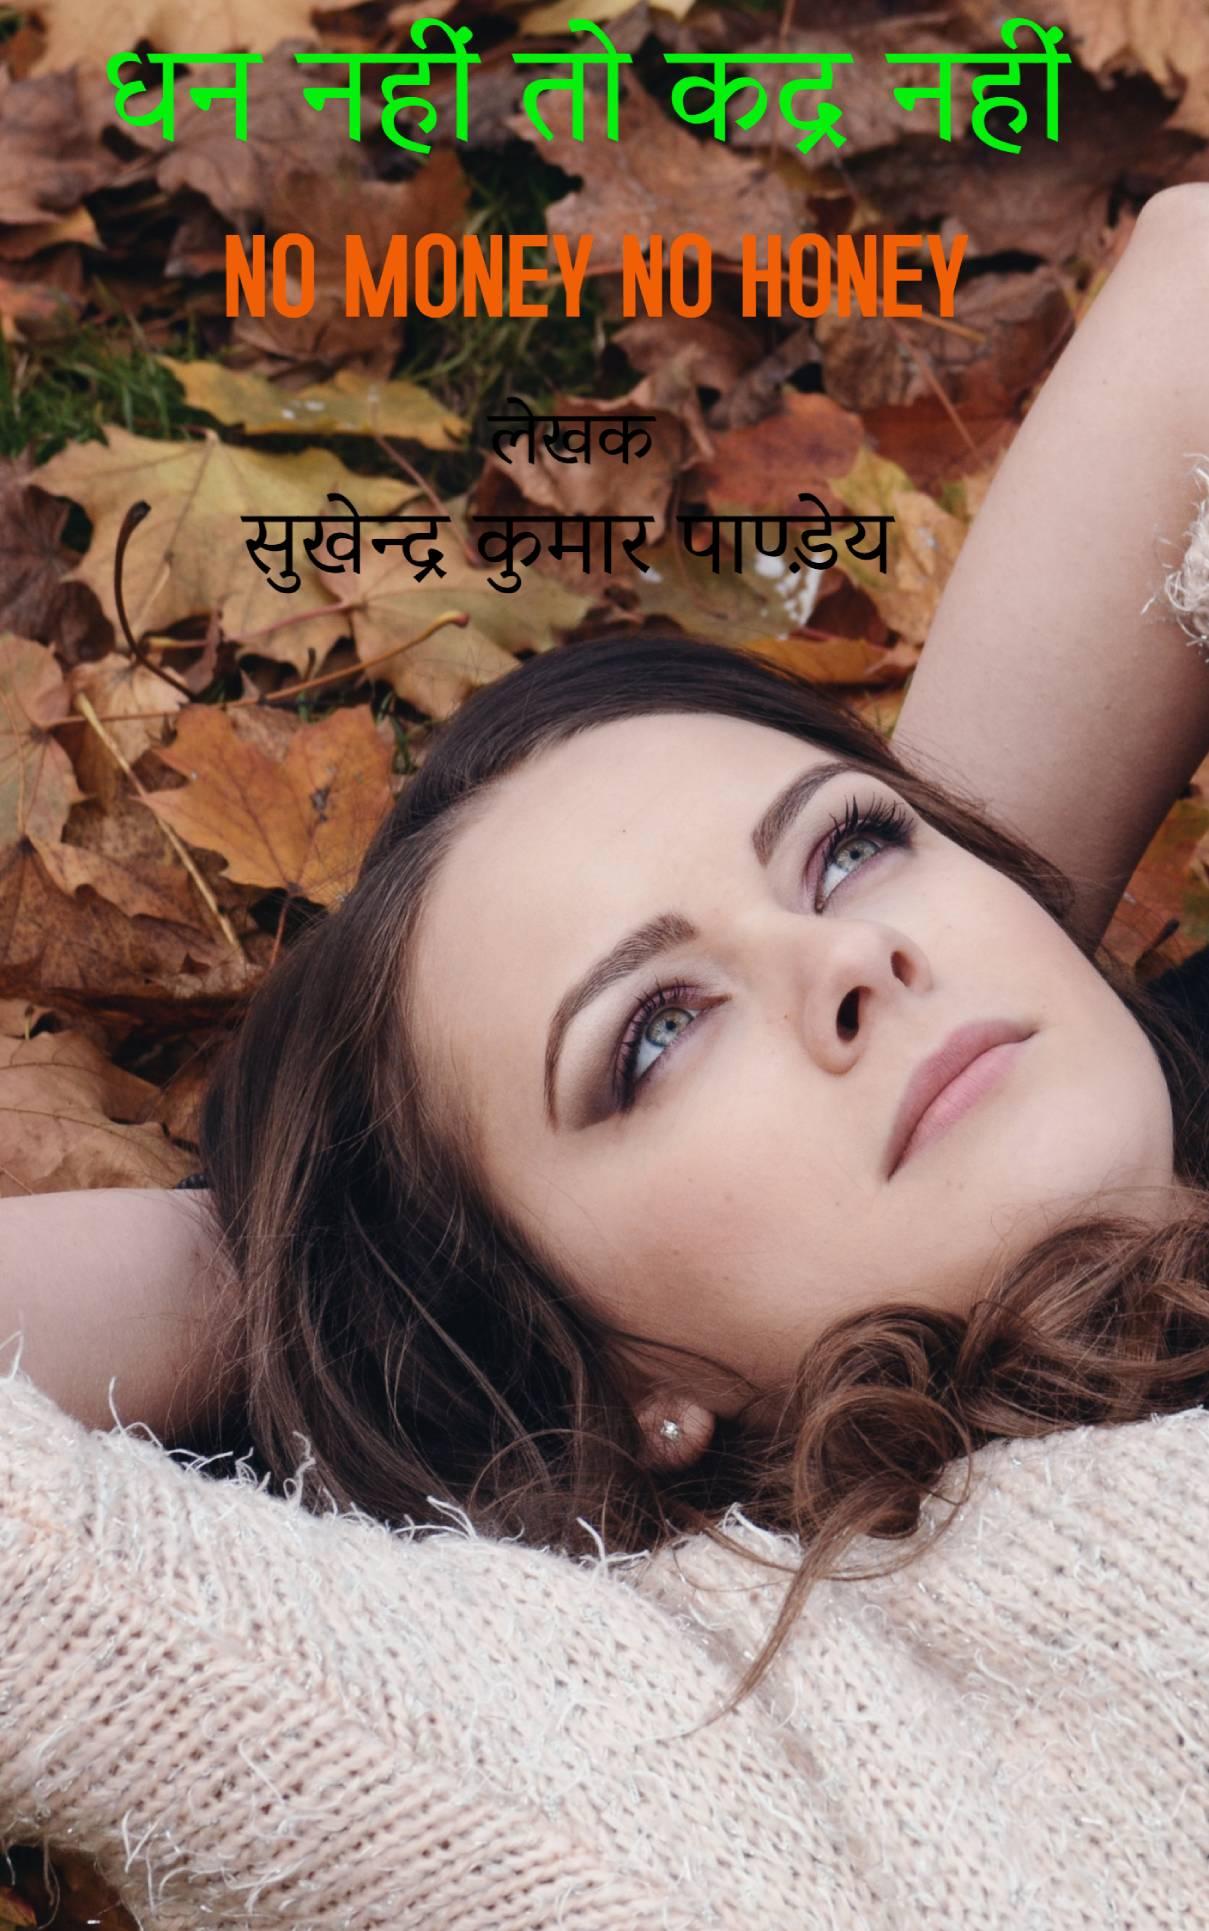 धन नहीं तो क़द्र नहीं (Dhan Nahi To Kadra Nahi)- NO MONEY NO HONEY